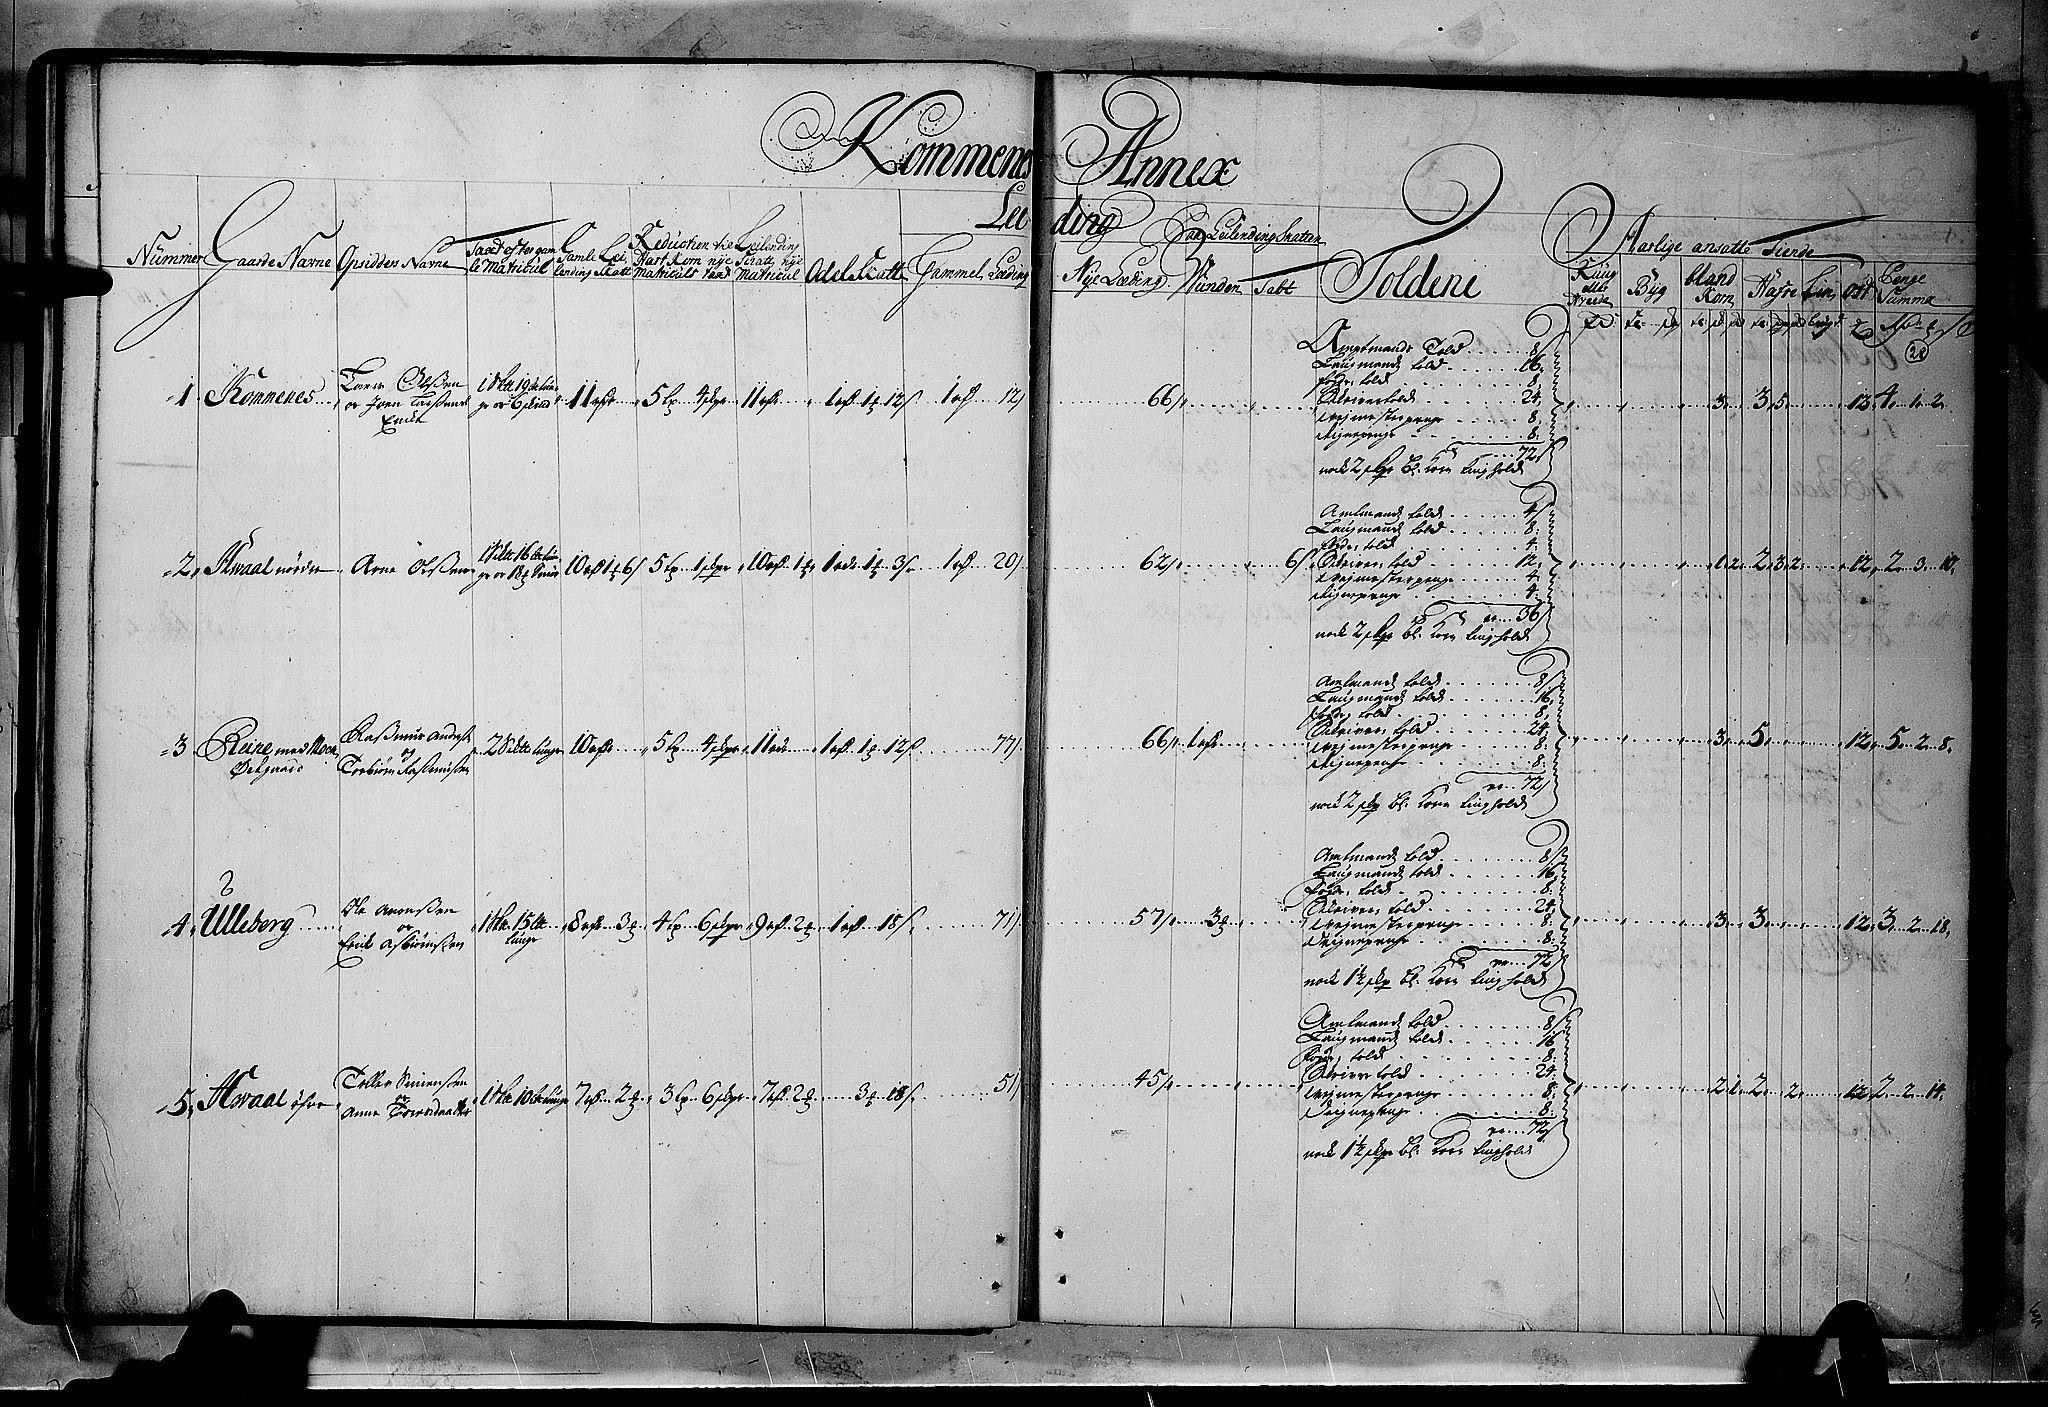 RA, Rentekammeret inntil 1814, Realistisk ordnet avdeling, N/Nb/Nbf/L0114: Numedal og Sandsvær matrikkelprotokoll, 1723, s. 27b-28a